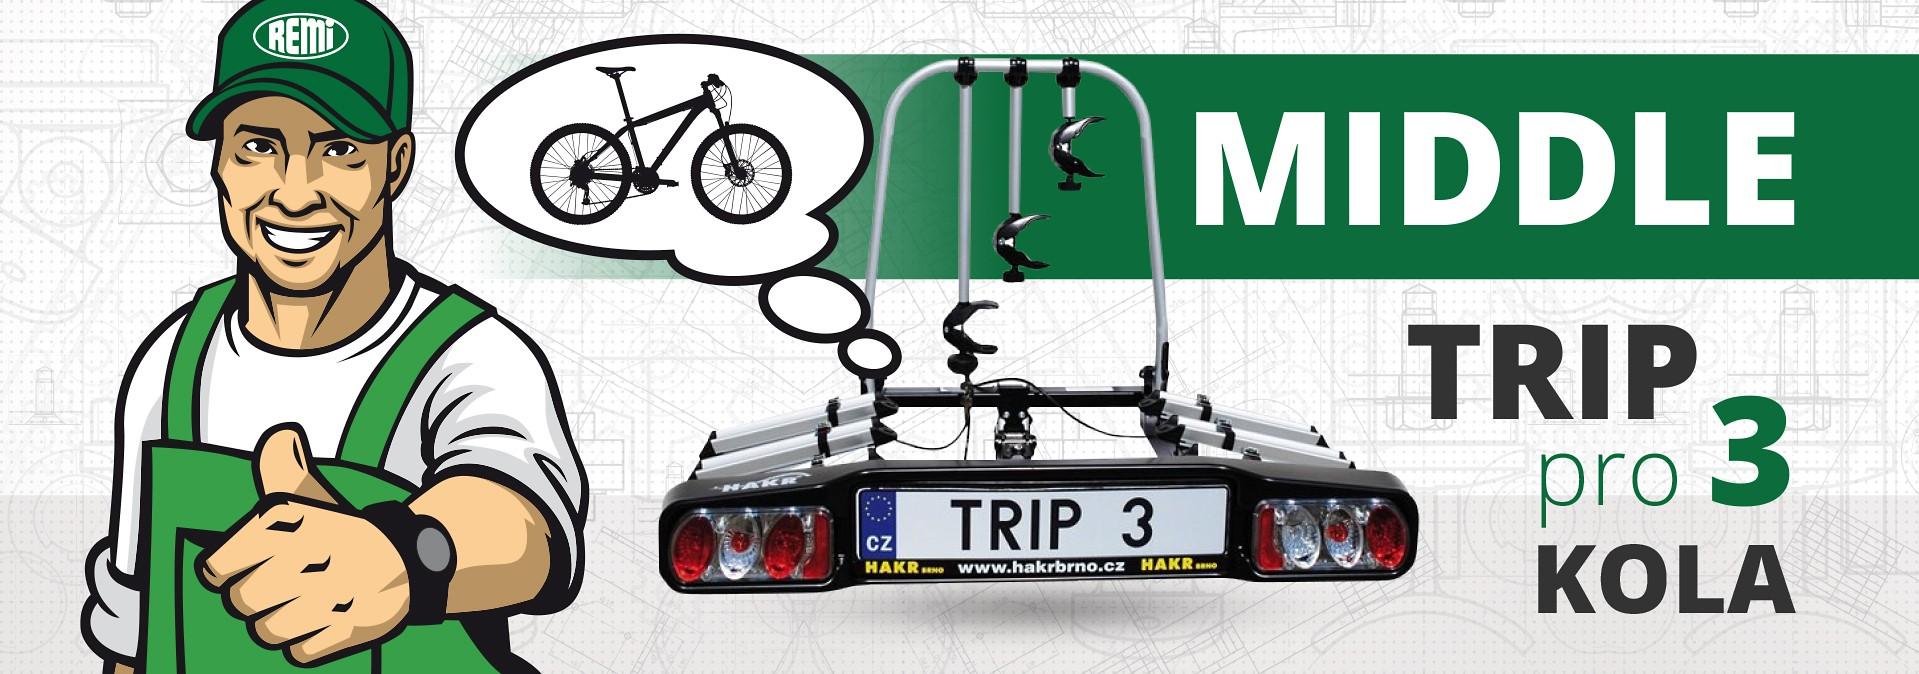 Middle Trip pro 3 kola